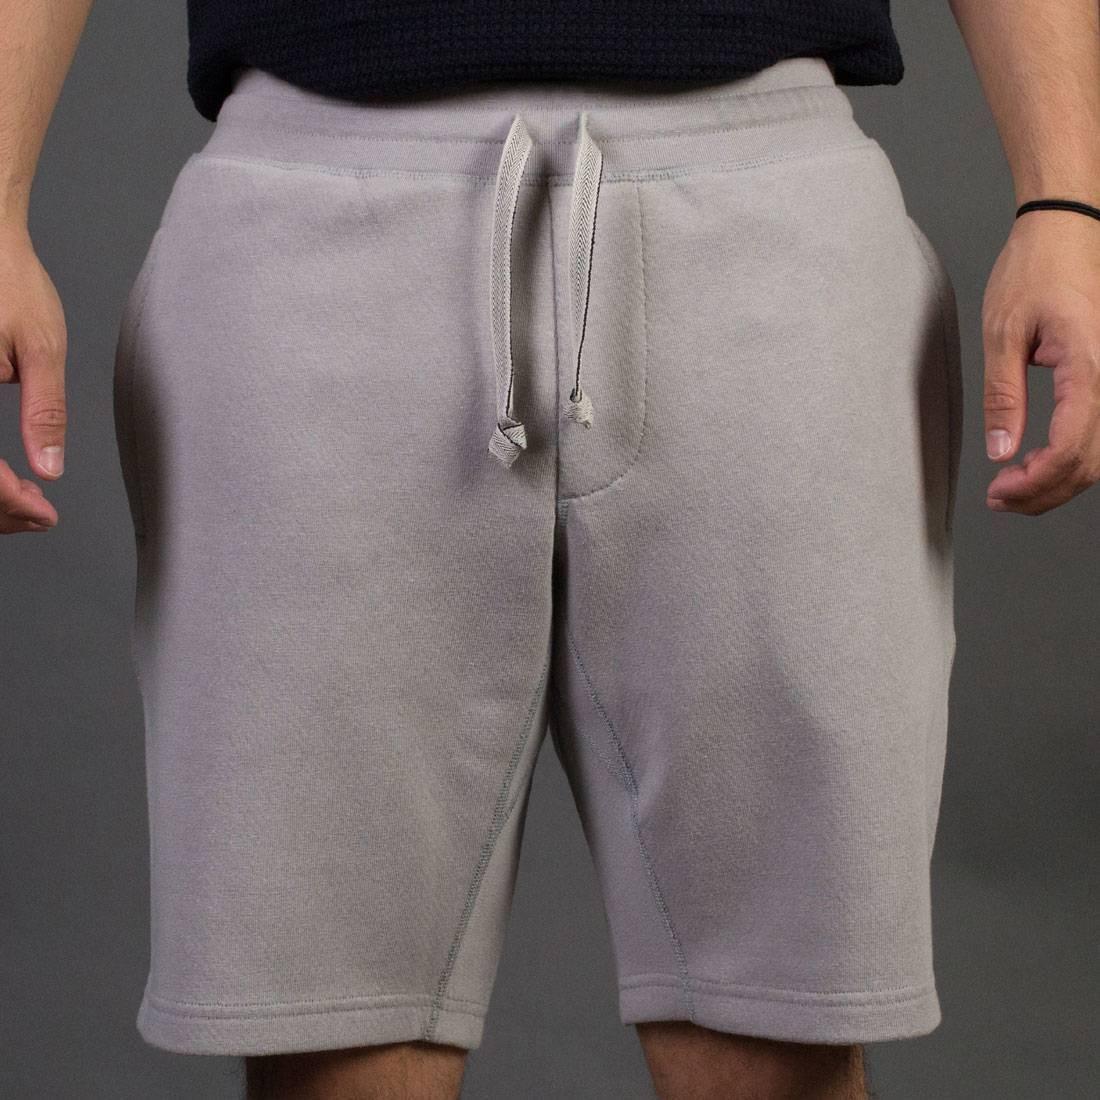 ショーツ ハーフパンツ ソリッド + 【 ADIDAS X WINGS HORNS MEN BONDED LINEN SHORTS GRAY SOLID GREY 】 メンズファッション ズボン パンツ 送料無料